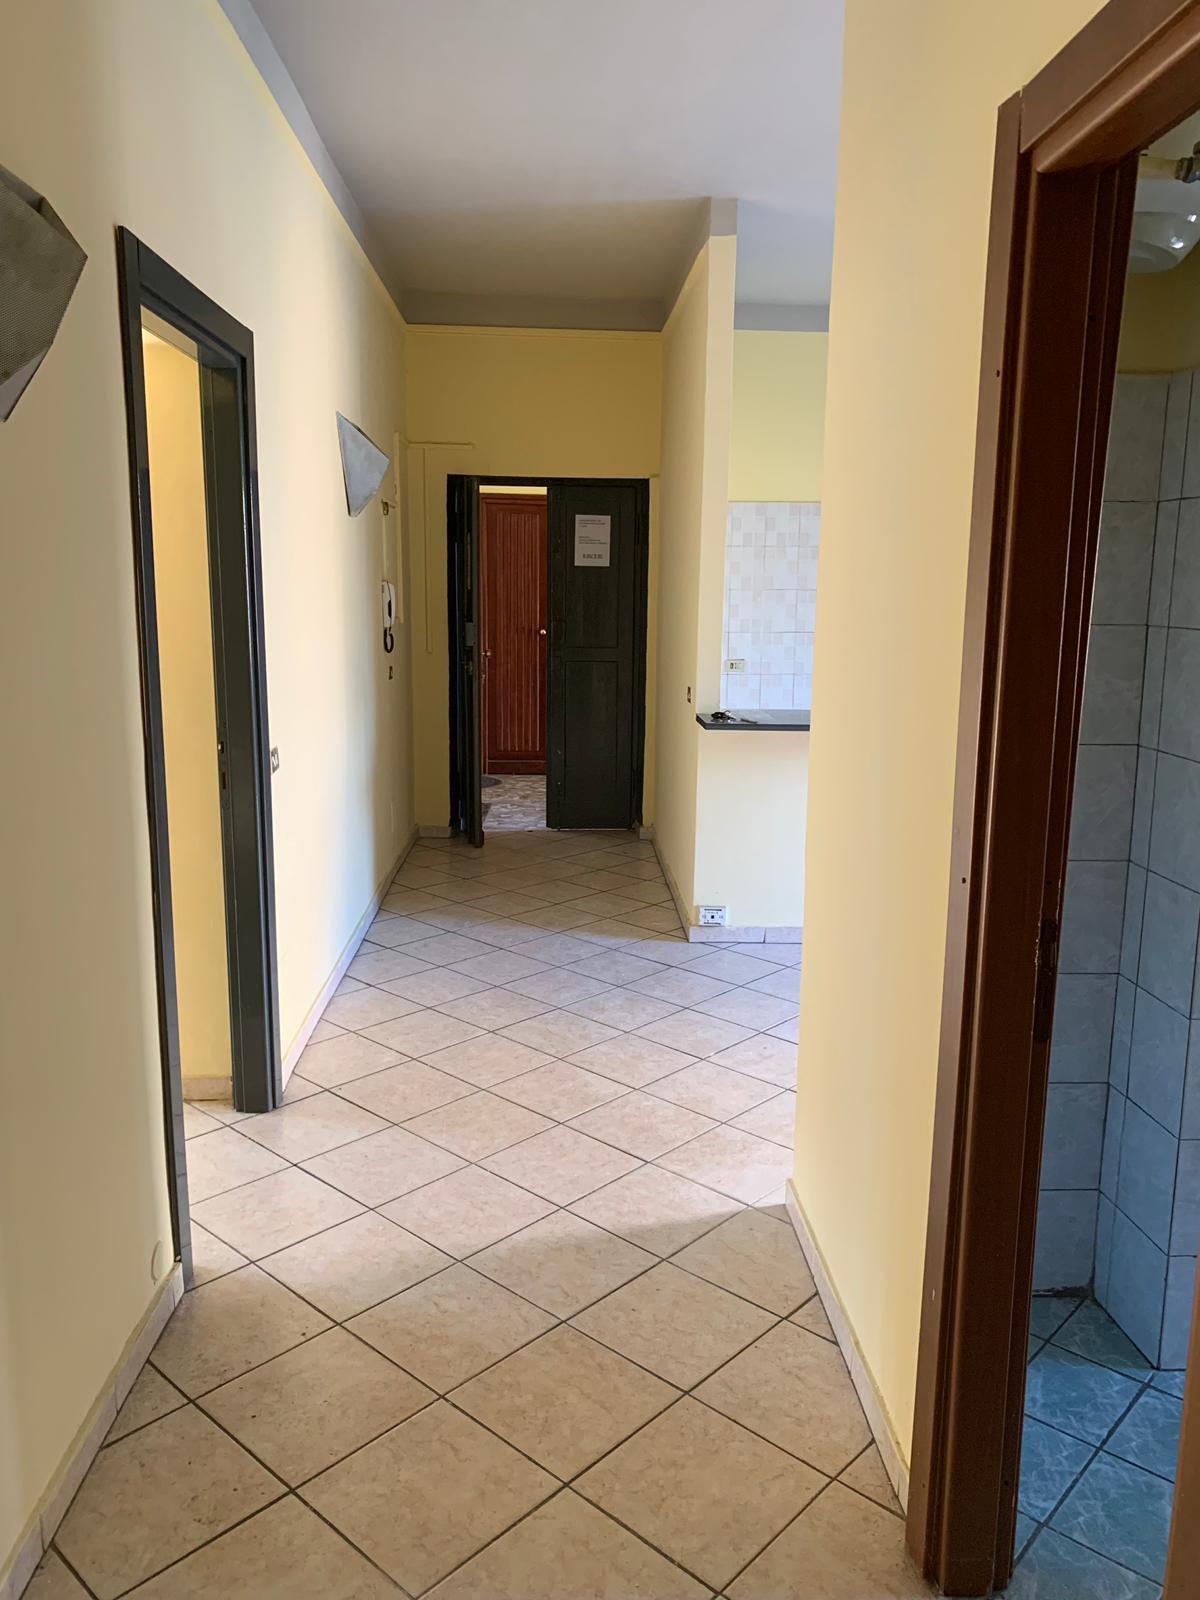 Appartamento in affitto a Novara, 3 locali, zona Località: S.Cuore-S.Martino, prezzo € 750 | CambioCasa.it